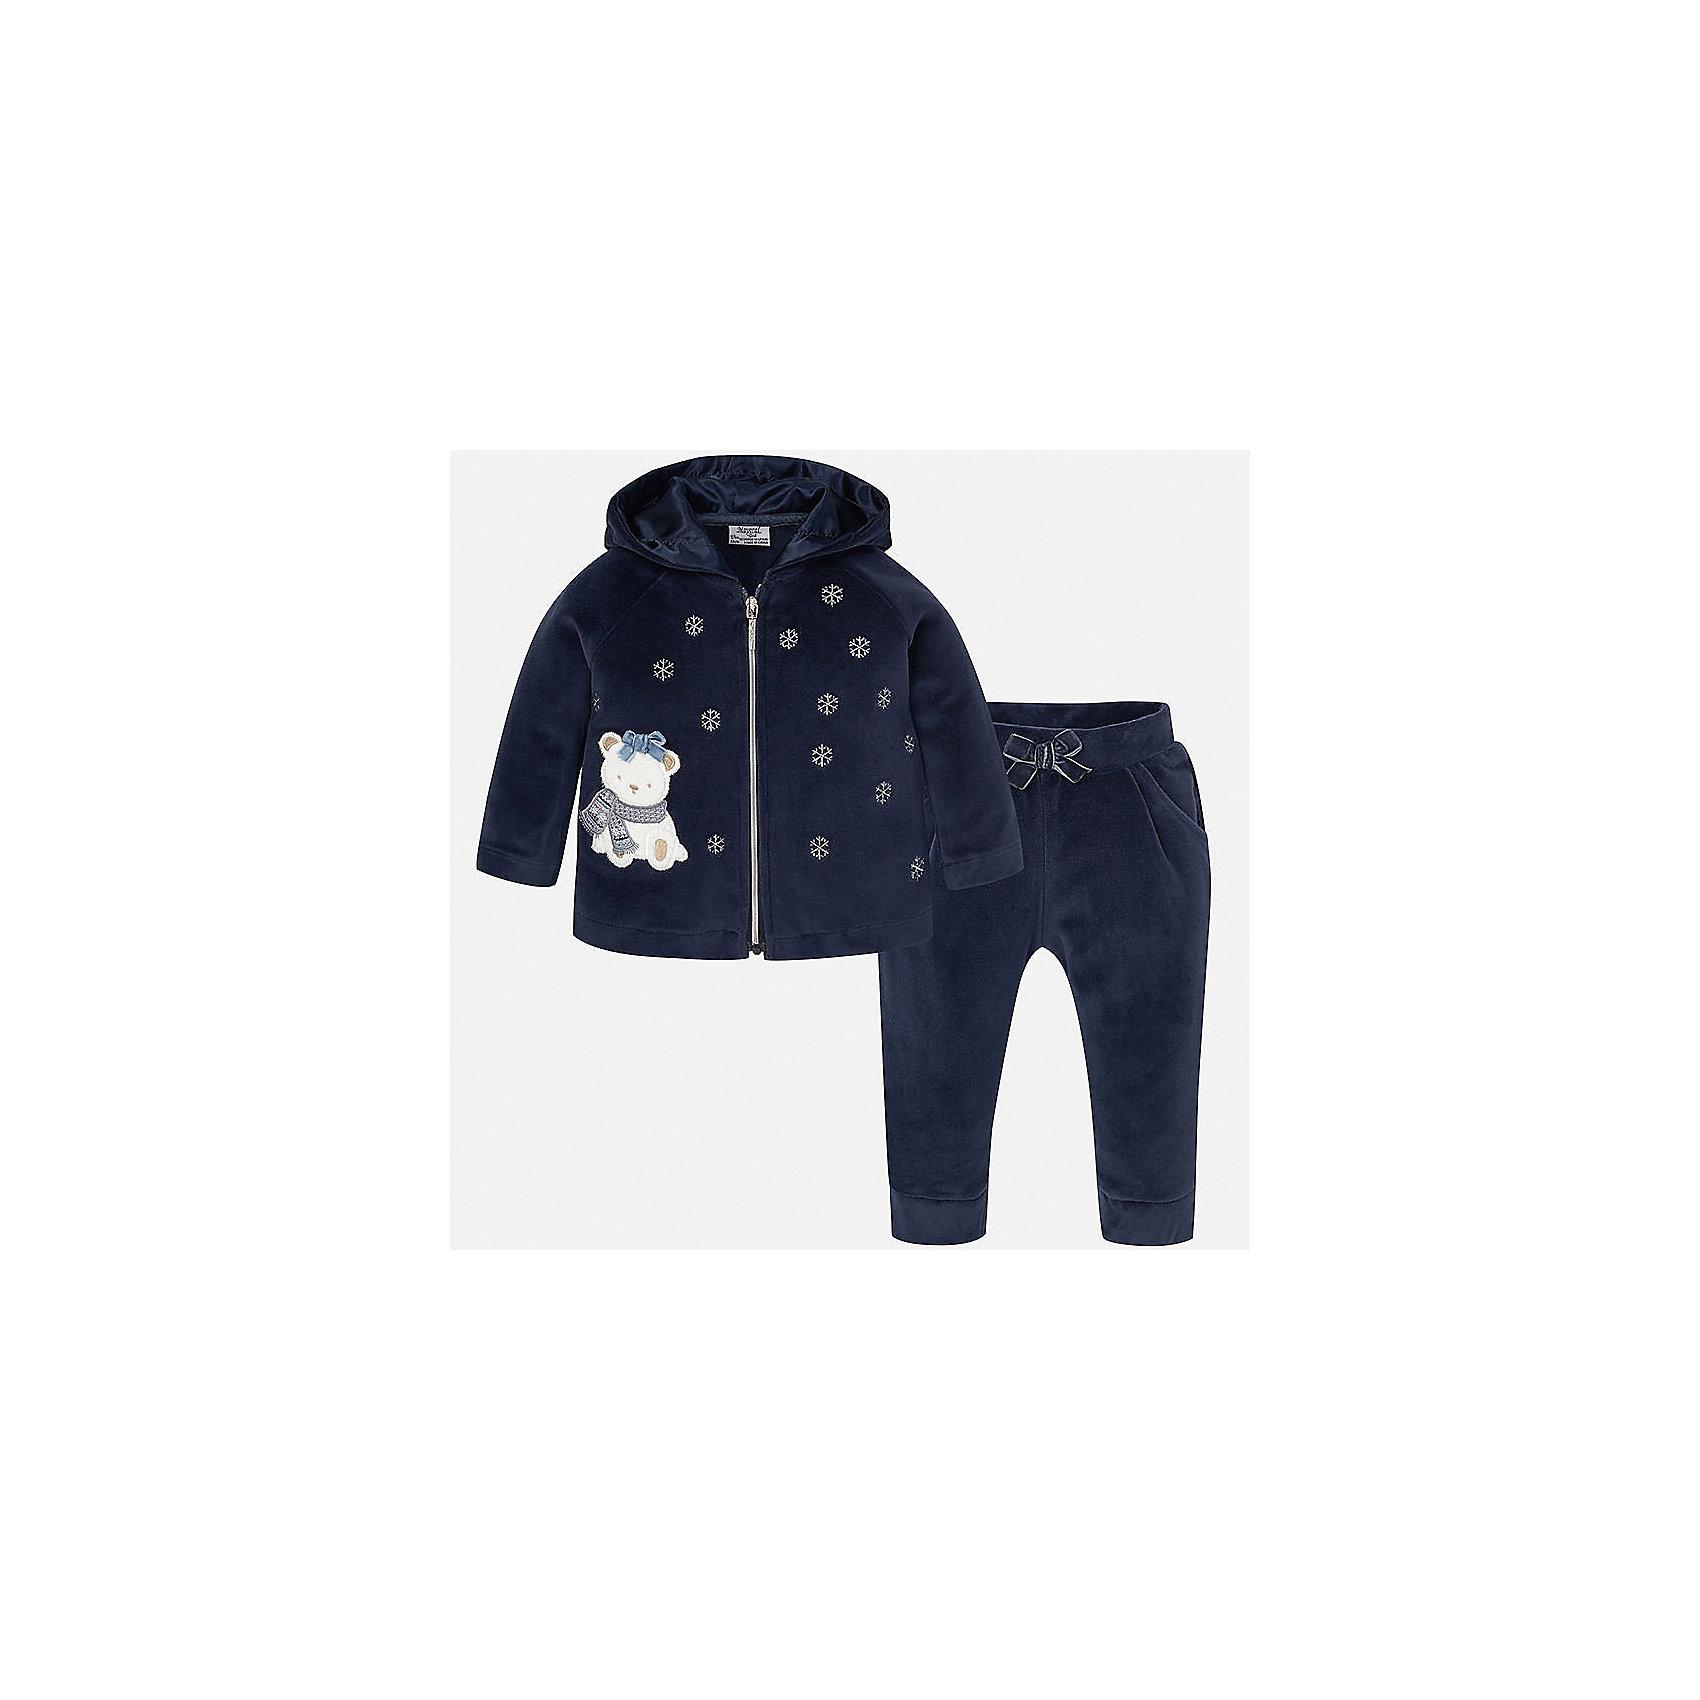 Спортивный костюм для девочки MayoralОригинальный спортивный костюм для самых стильных девчонок! Костюм состоит из толстовки, оформленной вышивкой и аппликацией и брюк на эластичном поясе с кокетливым бантиком. Уютный, красивый и практичный костюм Mayoral - прекрасный вариант для повседневной носки и активного отдыха!<br><br>Дополнительная информация:<br><br>- Мягкая, приятная на ощупь ткань.<br>- Комплектация: толстовка, брюки.<br>- Толстовка с капюшоном на подкладке. <br>- Застегивается на молнию.<br>- Вышивка в виде снежинок.<br>- Нежная аппликация. <br>- Брюки на эластичном поясе.<br>- Манжеты на брючинах. <br>- Кокетливый бантик на поясе. <br>Состав: <br>- 80% хлопок, 20% полиэстер. <br><br>Спортивный костюм для девочки Mayoral (Майорал), темно-синий, можно купить в нашем магазине.<br><br>Ширина мм: 247<br>Глубина мм: 16<br>Высота мм: 140<br>Вес г: 225<br>Цвет: синий<br>Возраст от месяцев: 6<br>Возраст до месяцев: 9<br>Пол: Женский<br>Возраст: Детский<br>Размер: 74,86,92,80<br>SKU: 4846223